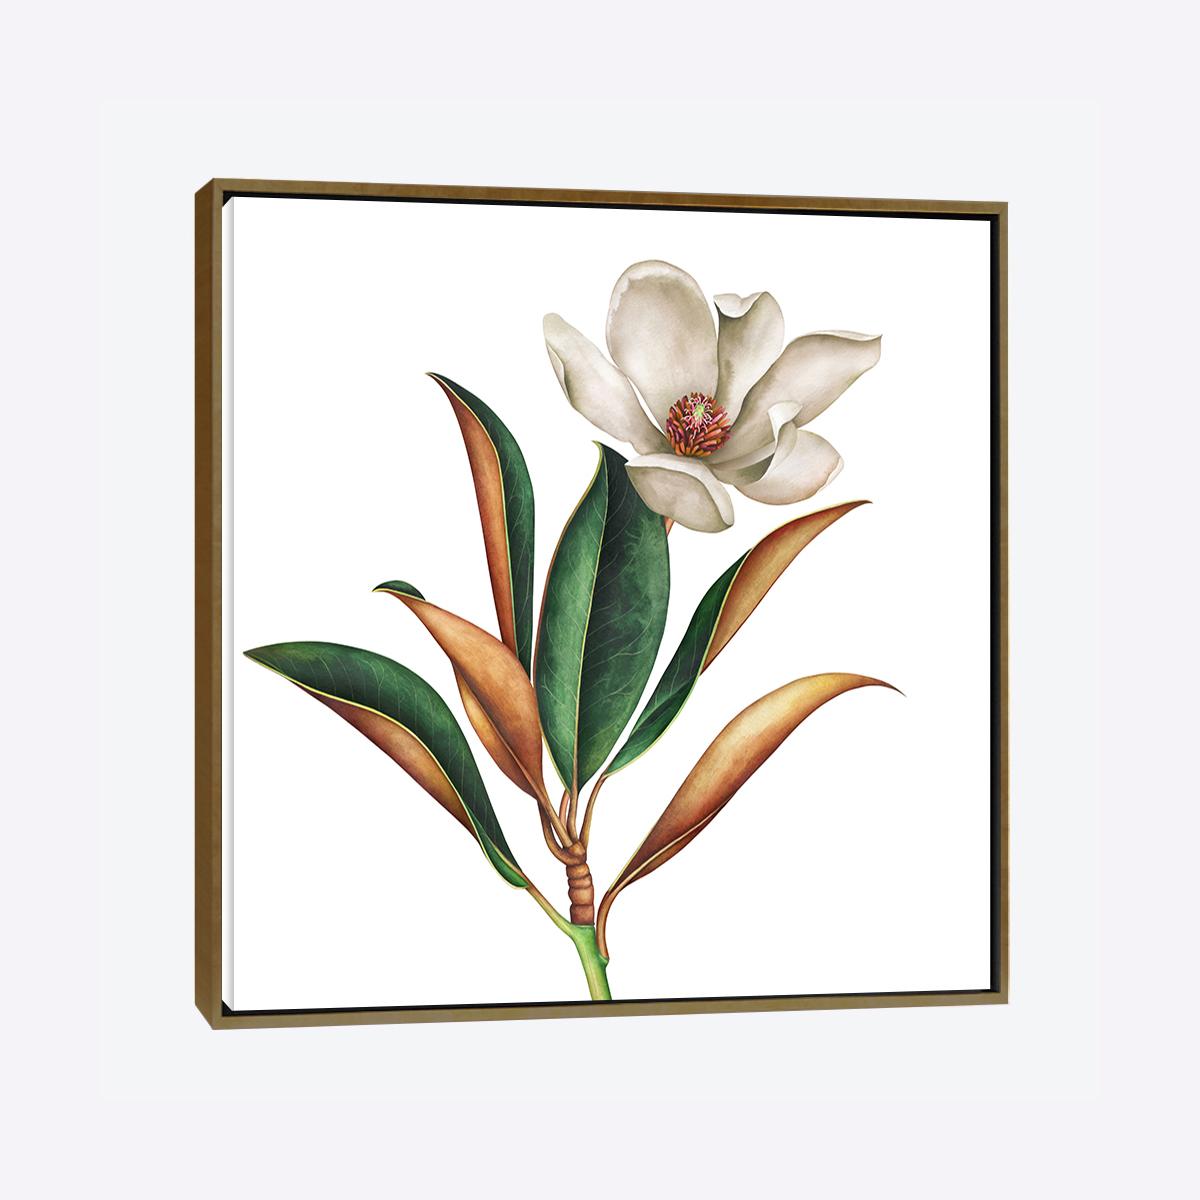 لوحات جدارية - ورد معتق - لوحات جدارية - لوحات فنية مميزة - لوحة حائط مفعمة بألوان الأزهار والروح الطبيعية التي تبعثها لوحات الأزهار الفنية حيث تعطي سلام وذوق رفيع يتناسب مع جميع أثاثكم